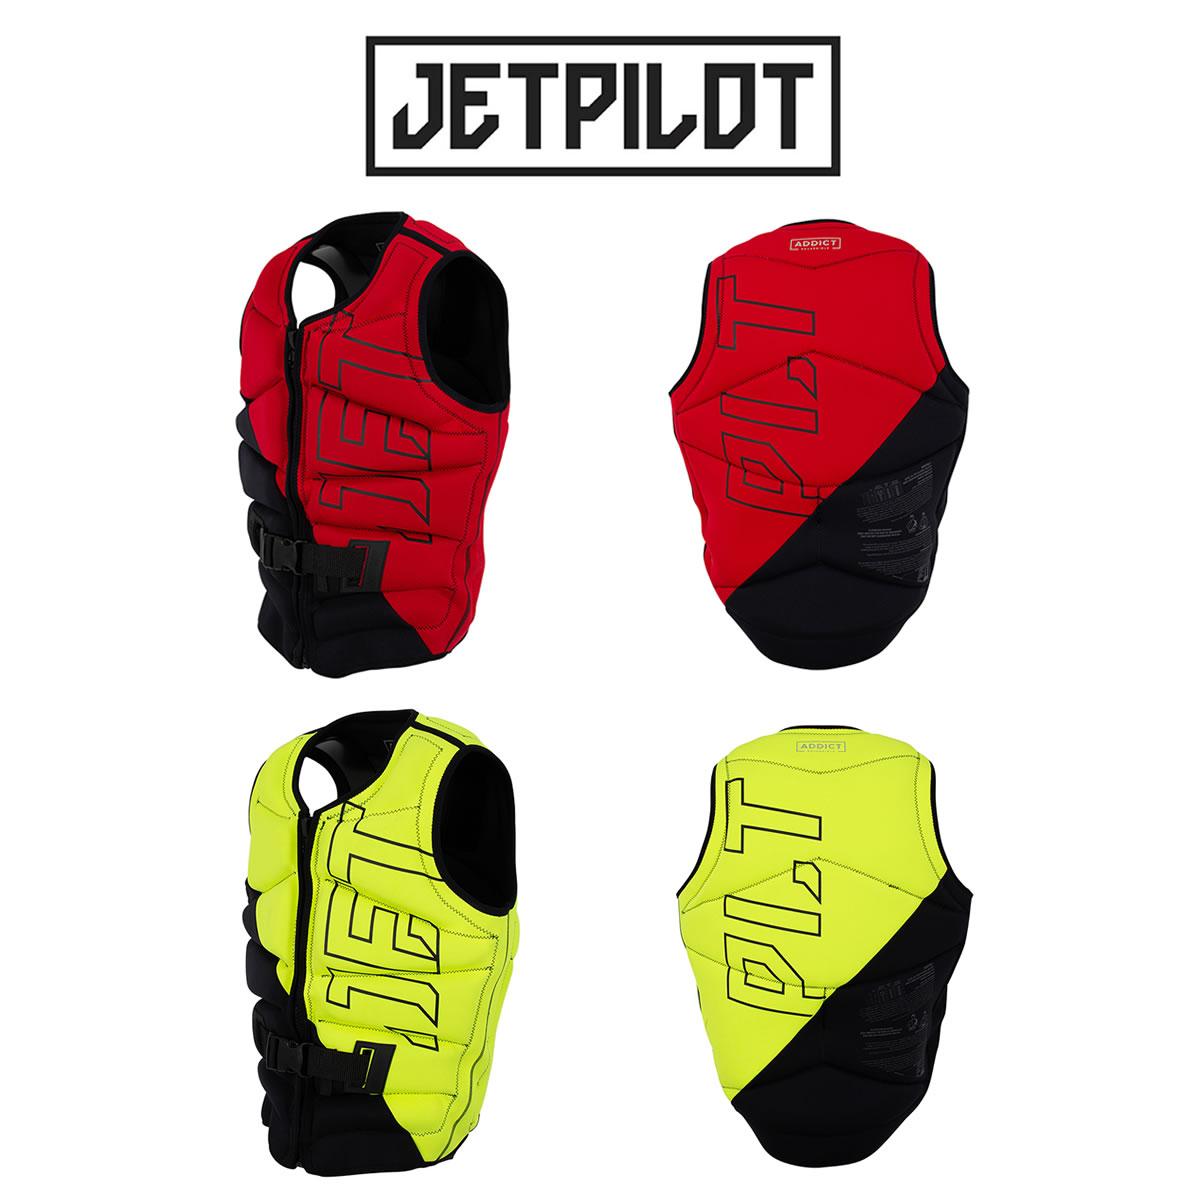 JETPILOT(ジェットパイロット)ネオベスト ADDICTリバーシブルネオベスト(JA20297)